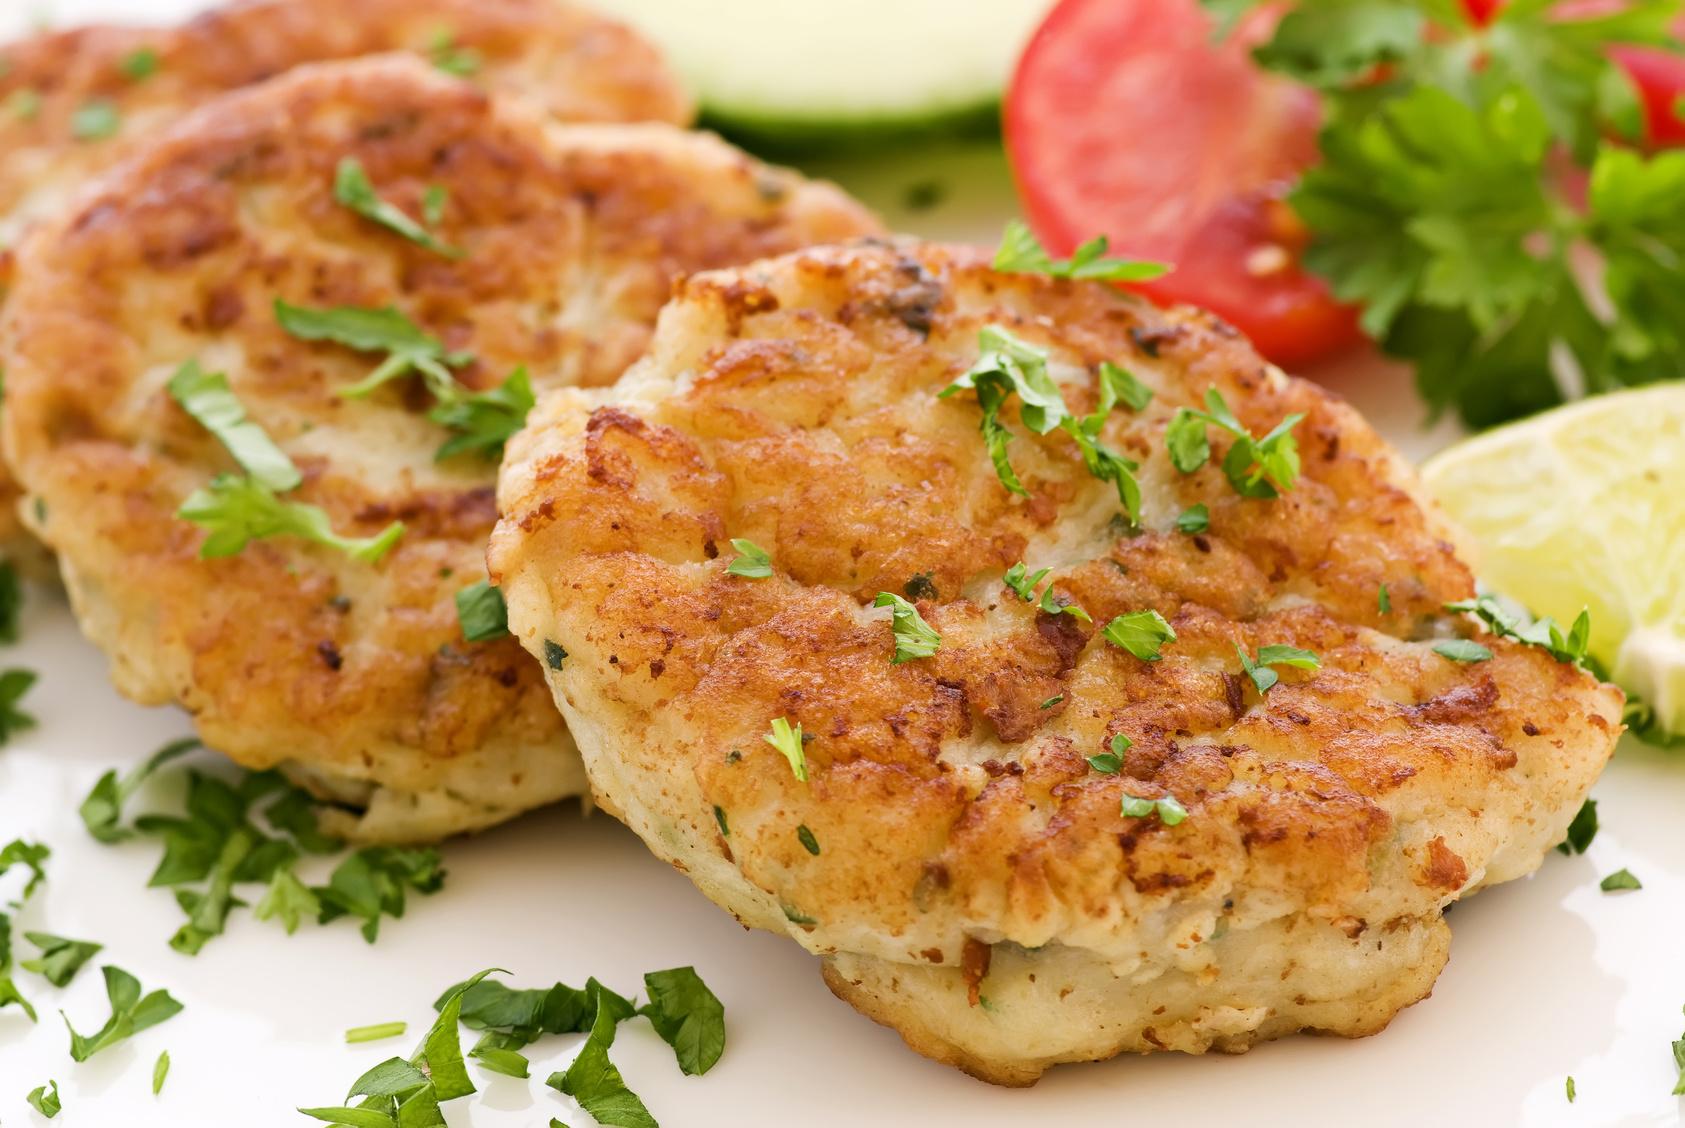 Die Gewürze können je nach Geschmack angepasst werden und geben den Fischfrikadellen den letzten Pfiff! Foto: Fotolia